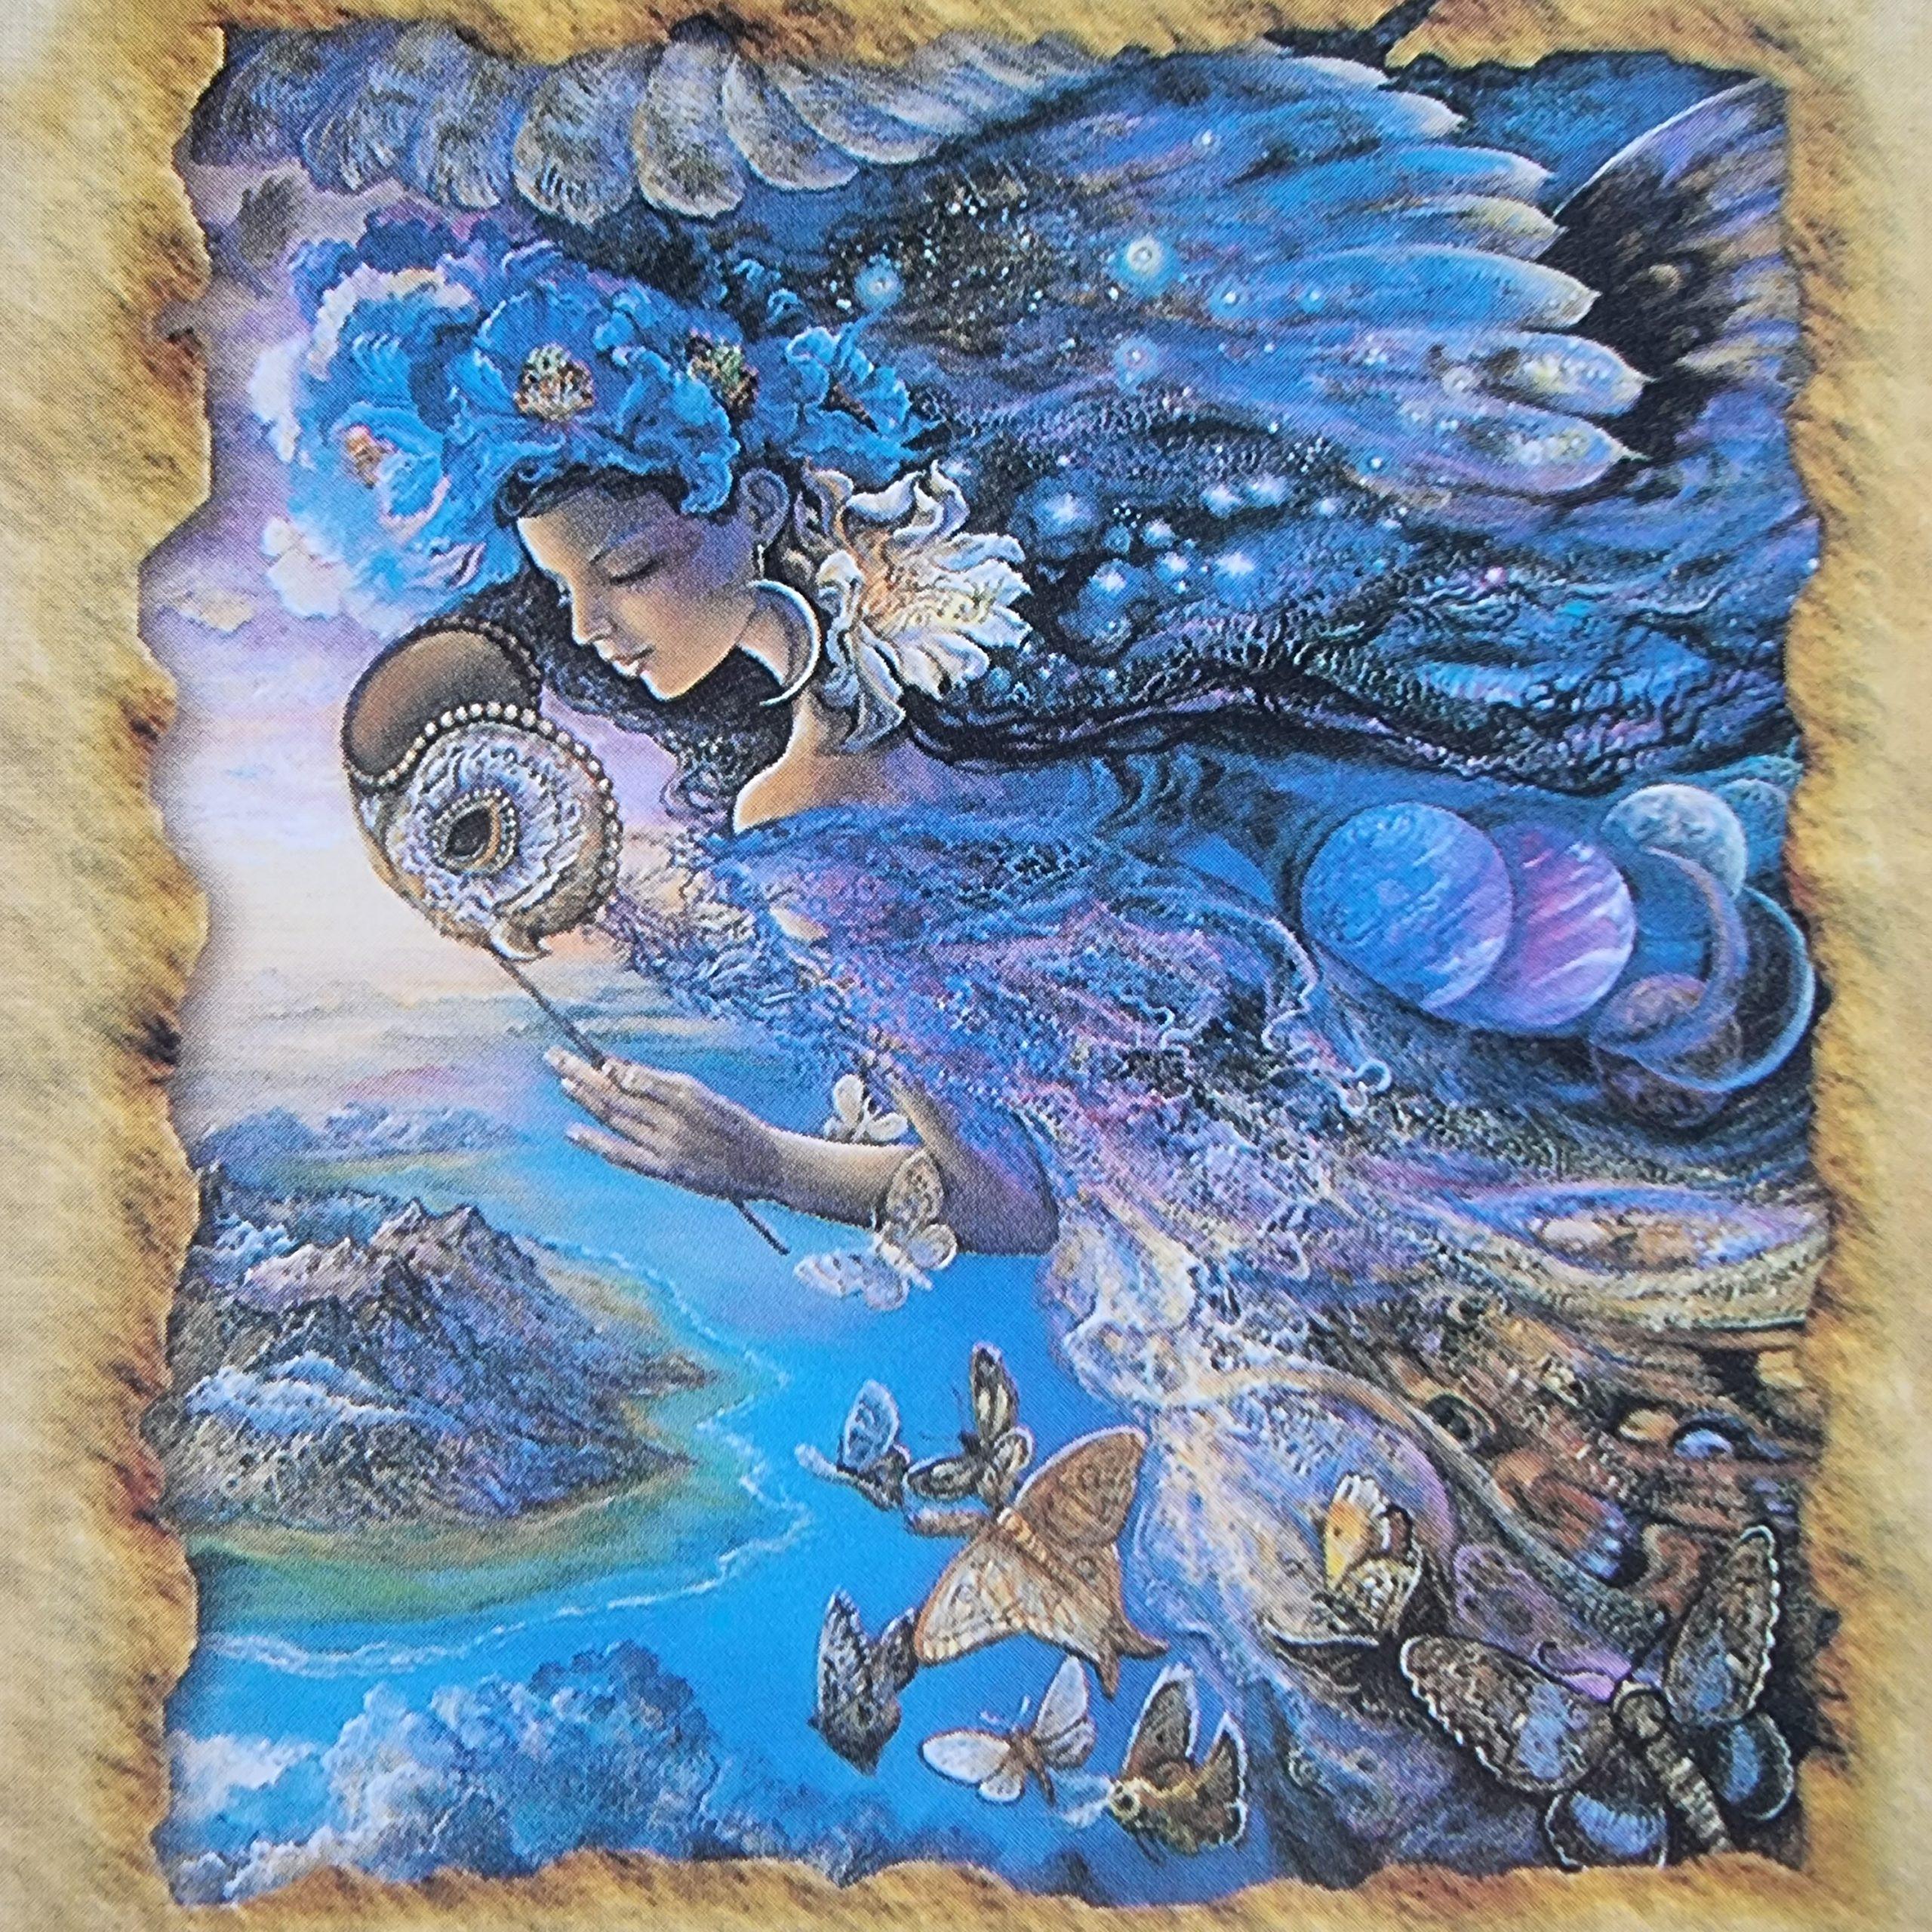 treciosios akies cakra, akies cakra, cakra, trecioji akis, sveikatos angelu kortos, angelu sveikatos kortos, angelu kortos, kortos, gydantis orakulas, gydancios kortos, karmos korekcija, ciakru apvalymas, gydantis angelu orakulas, bureja, taro, burimai, magija, burtai, angelai